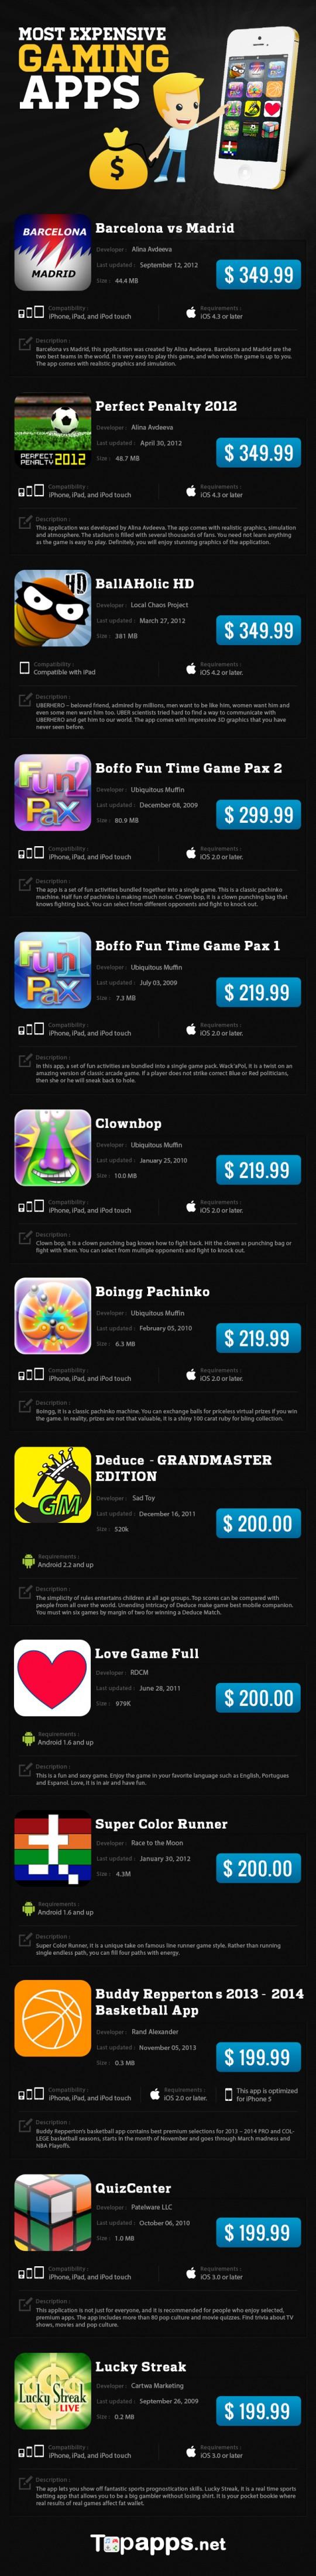 infografia-juegos-caros